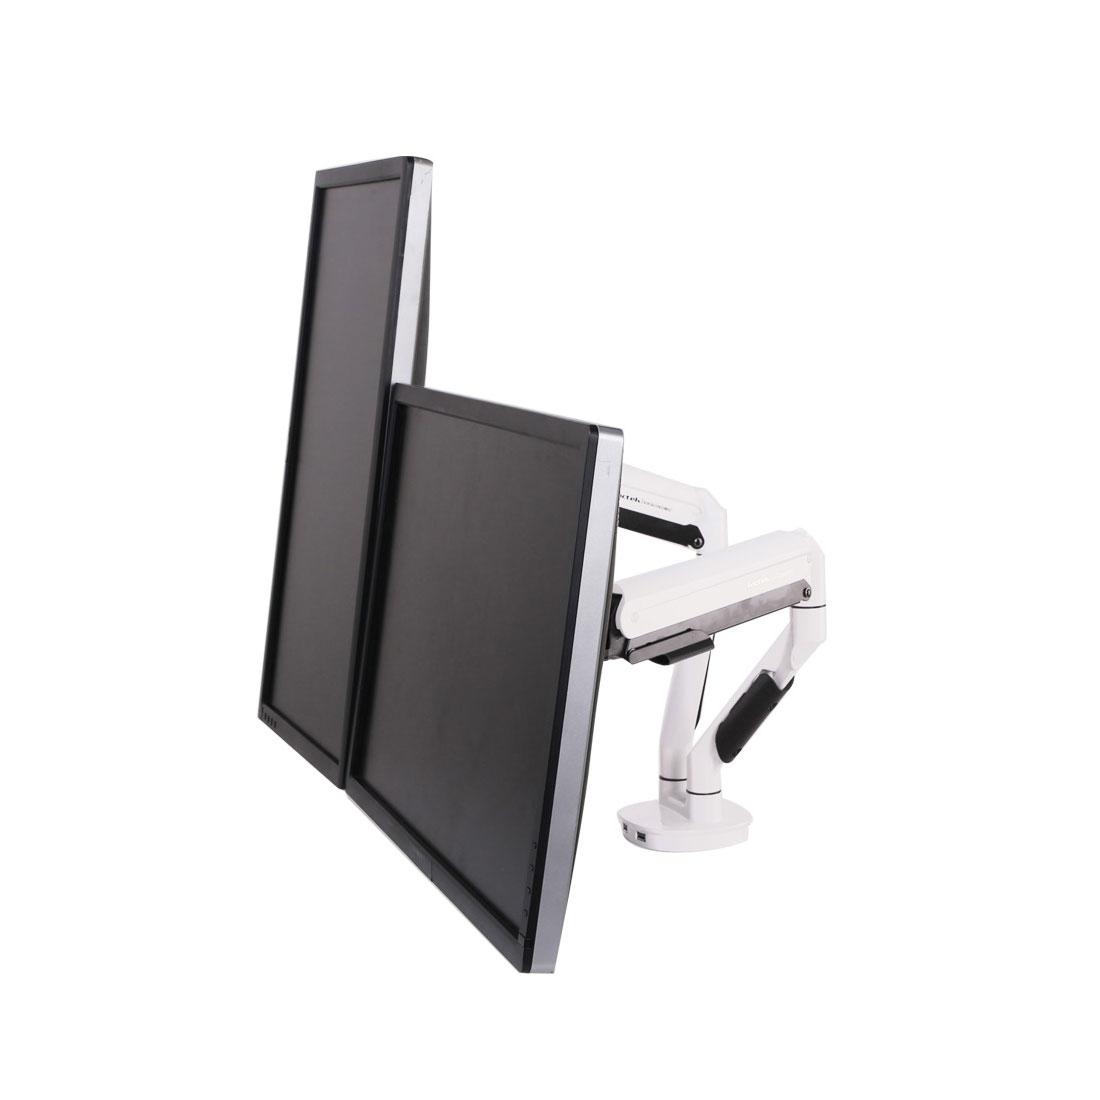 록텍 D6D 듀얼 모니터암 USB 3.0 2포트, 화이트, 1개